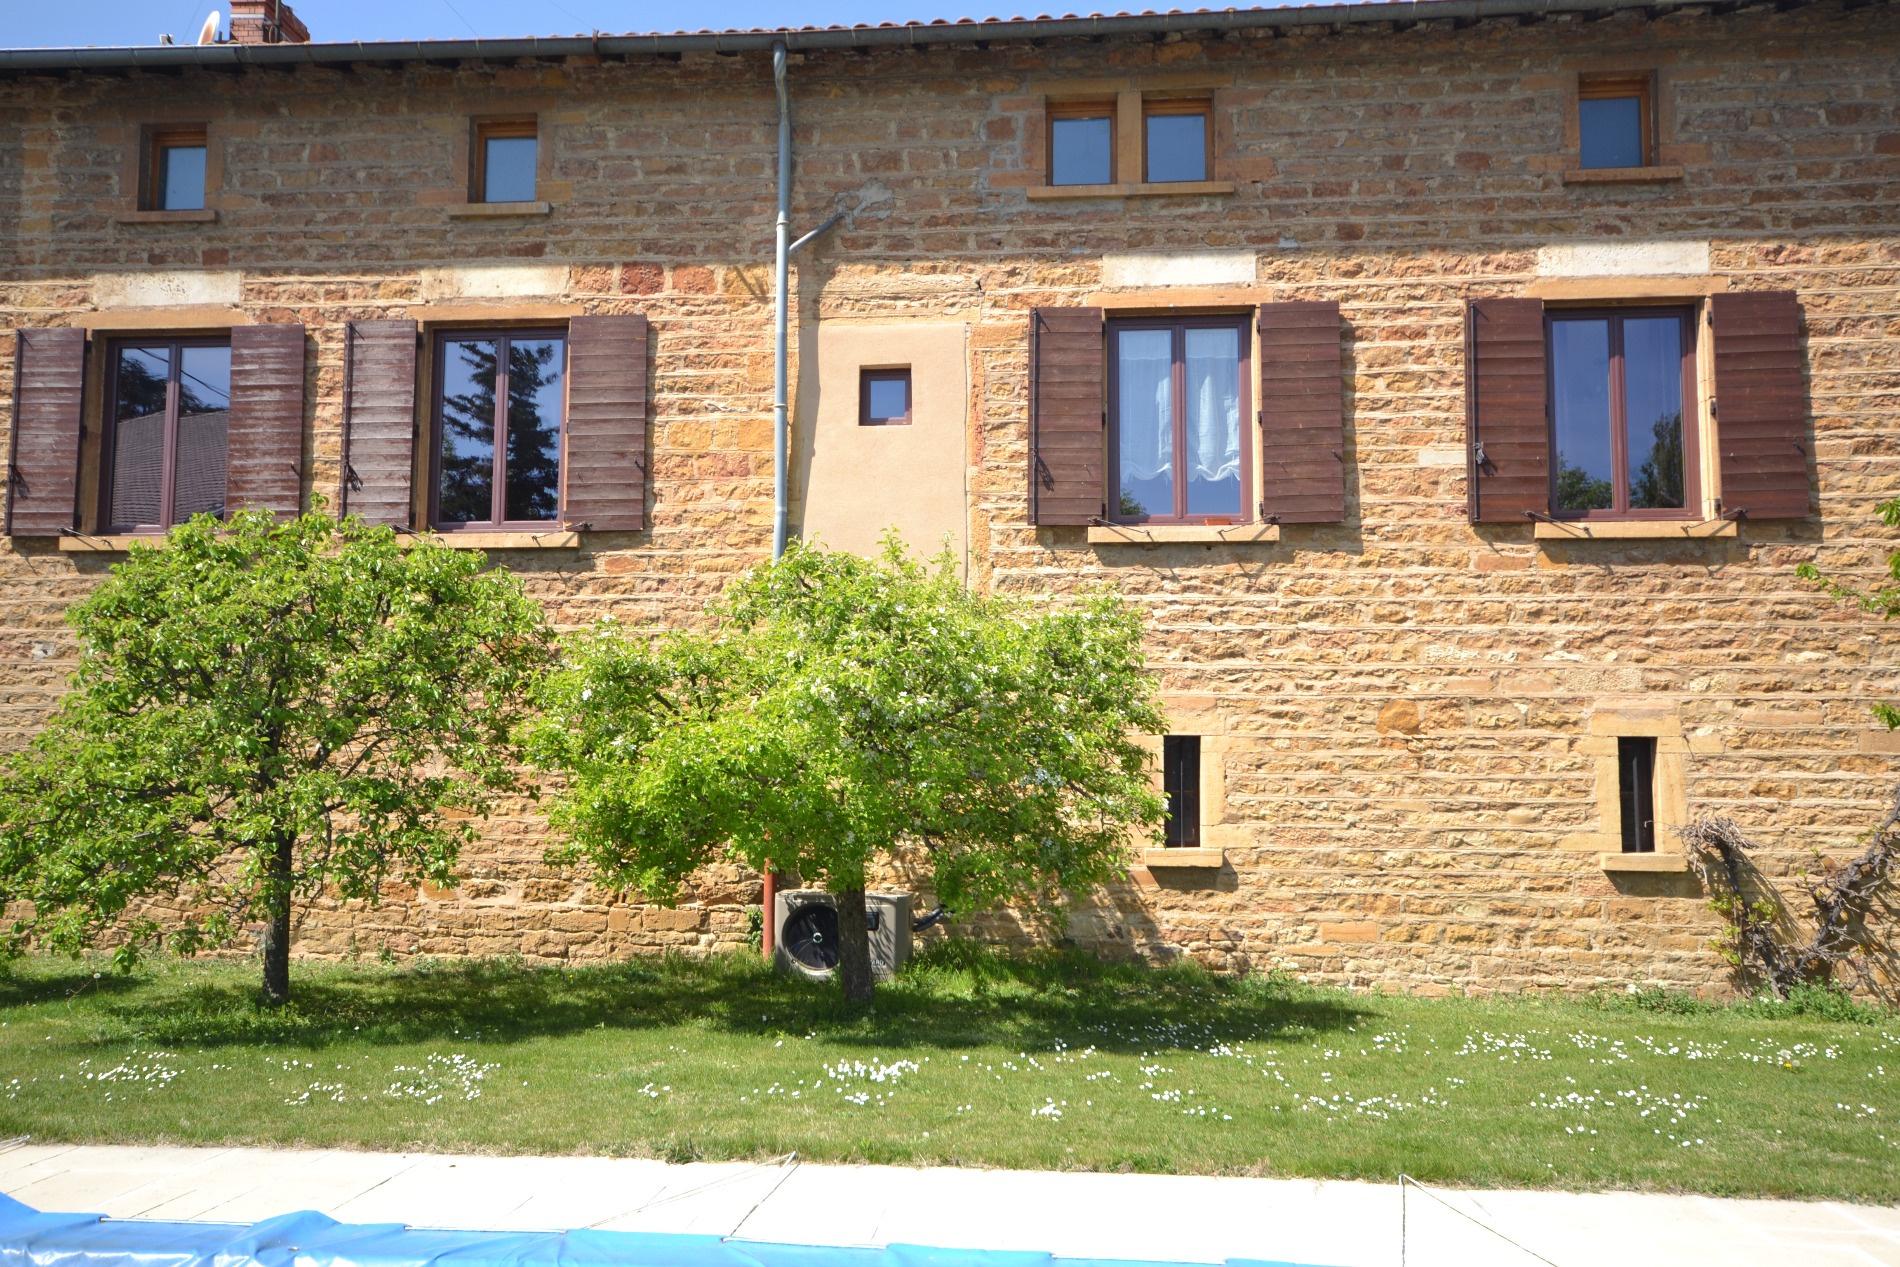 vente villefranche sur saone maison pierres dorees 250 m h dependances ammenageables. Black Bedroom Furniture Sets. Home Design Ideas